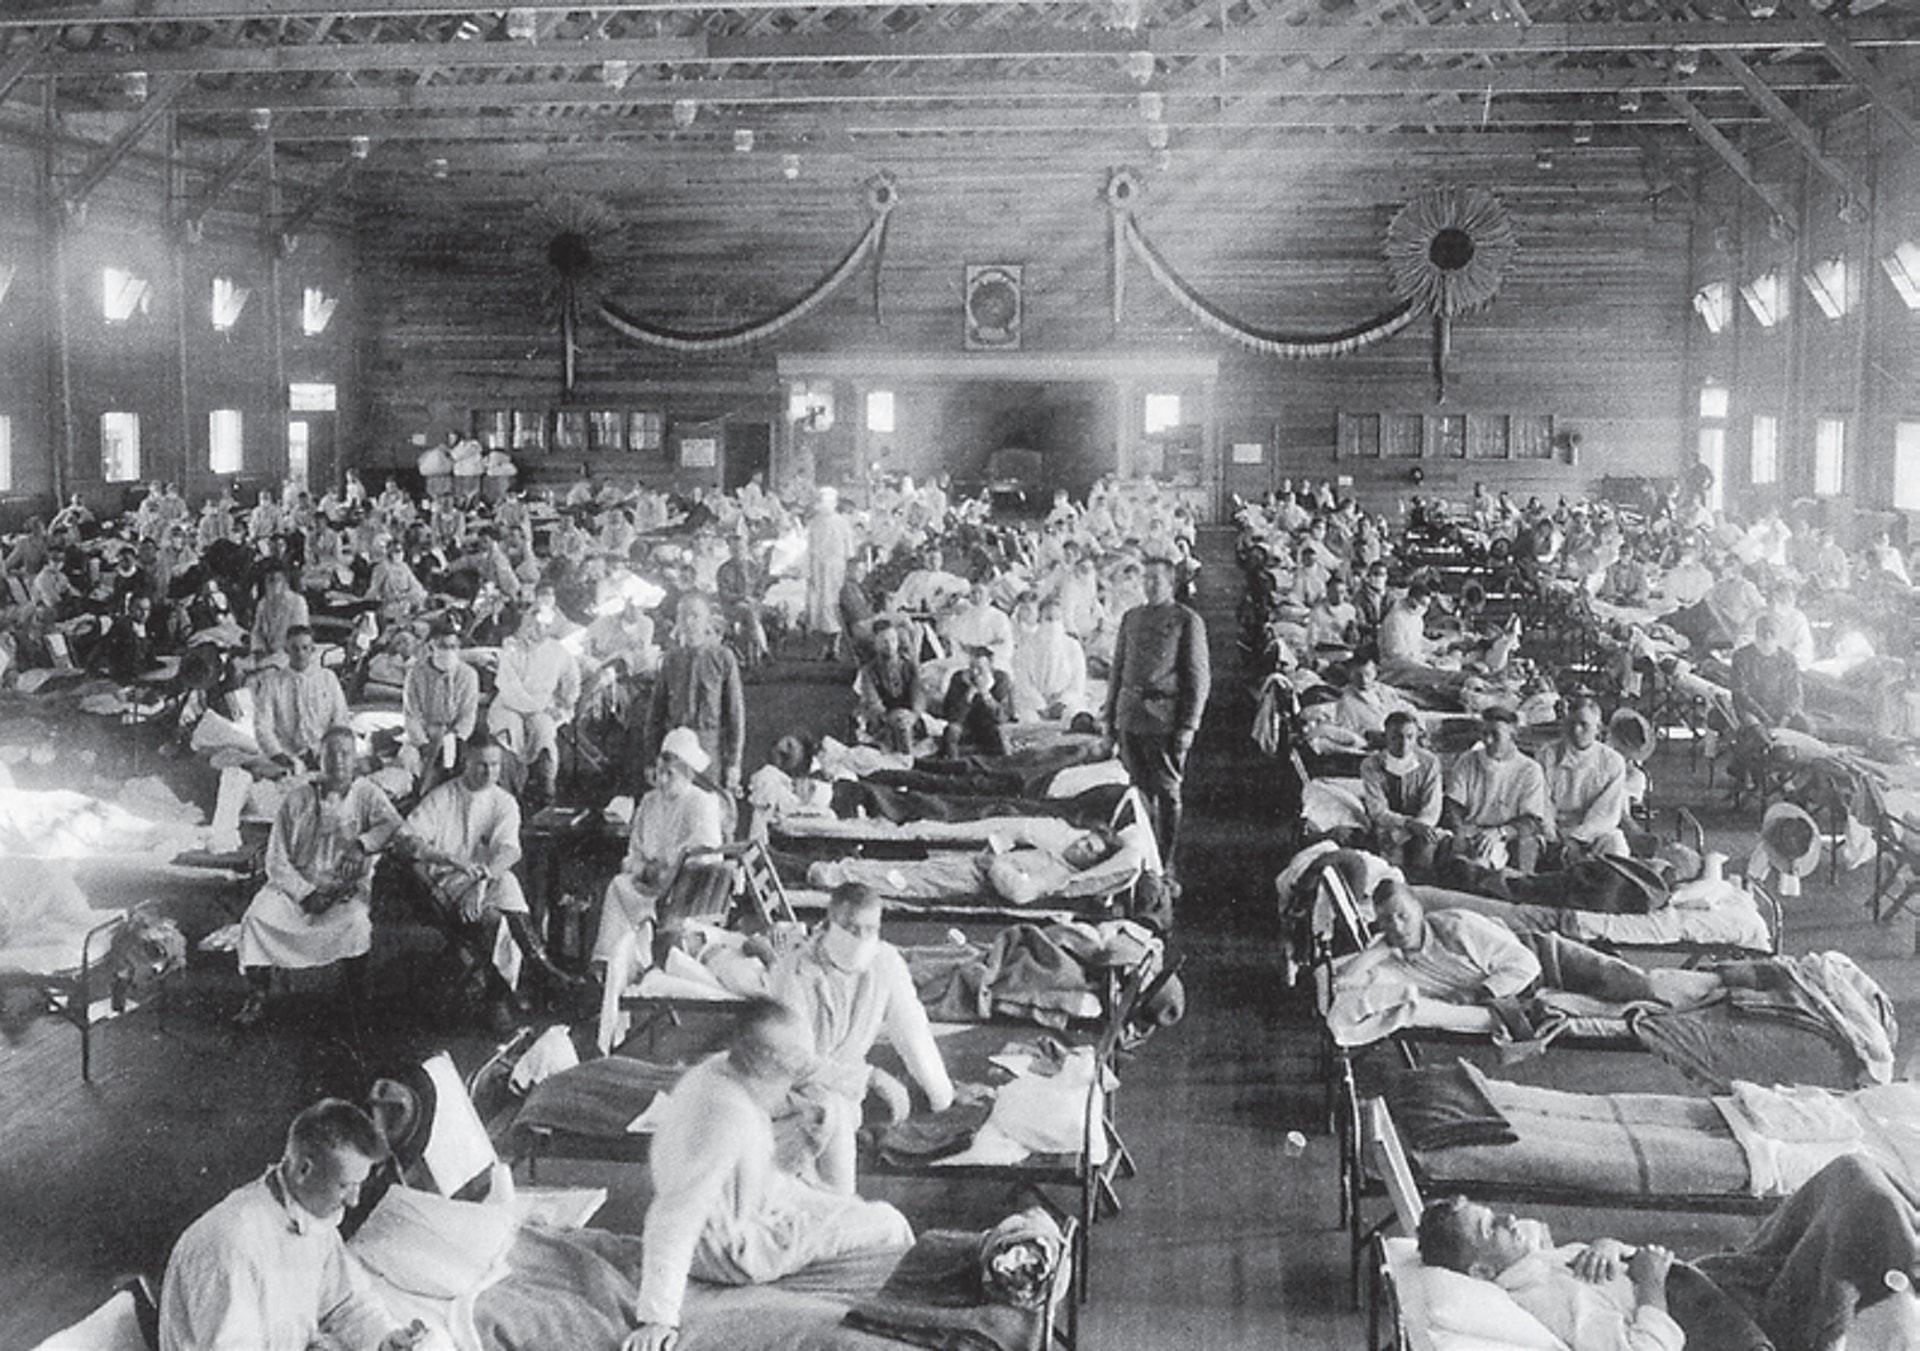 圖/西班牙大流感/維基百科